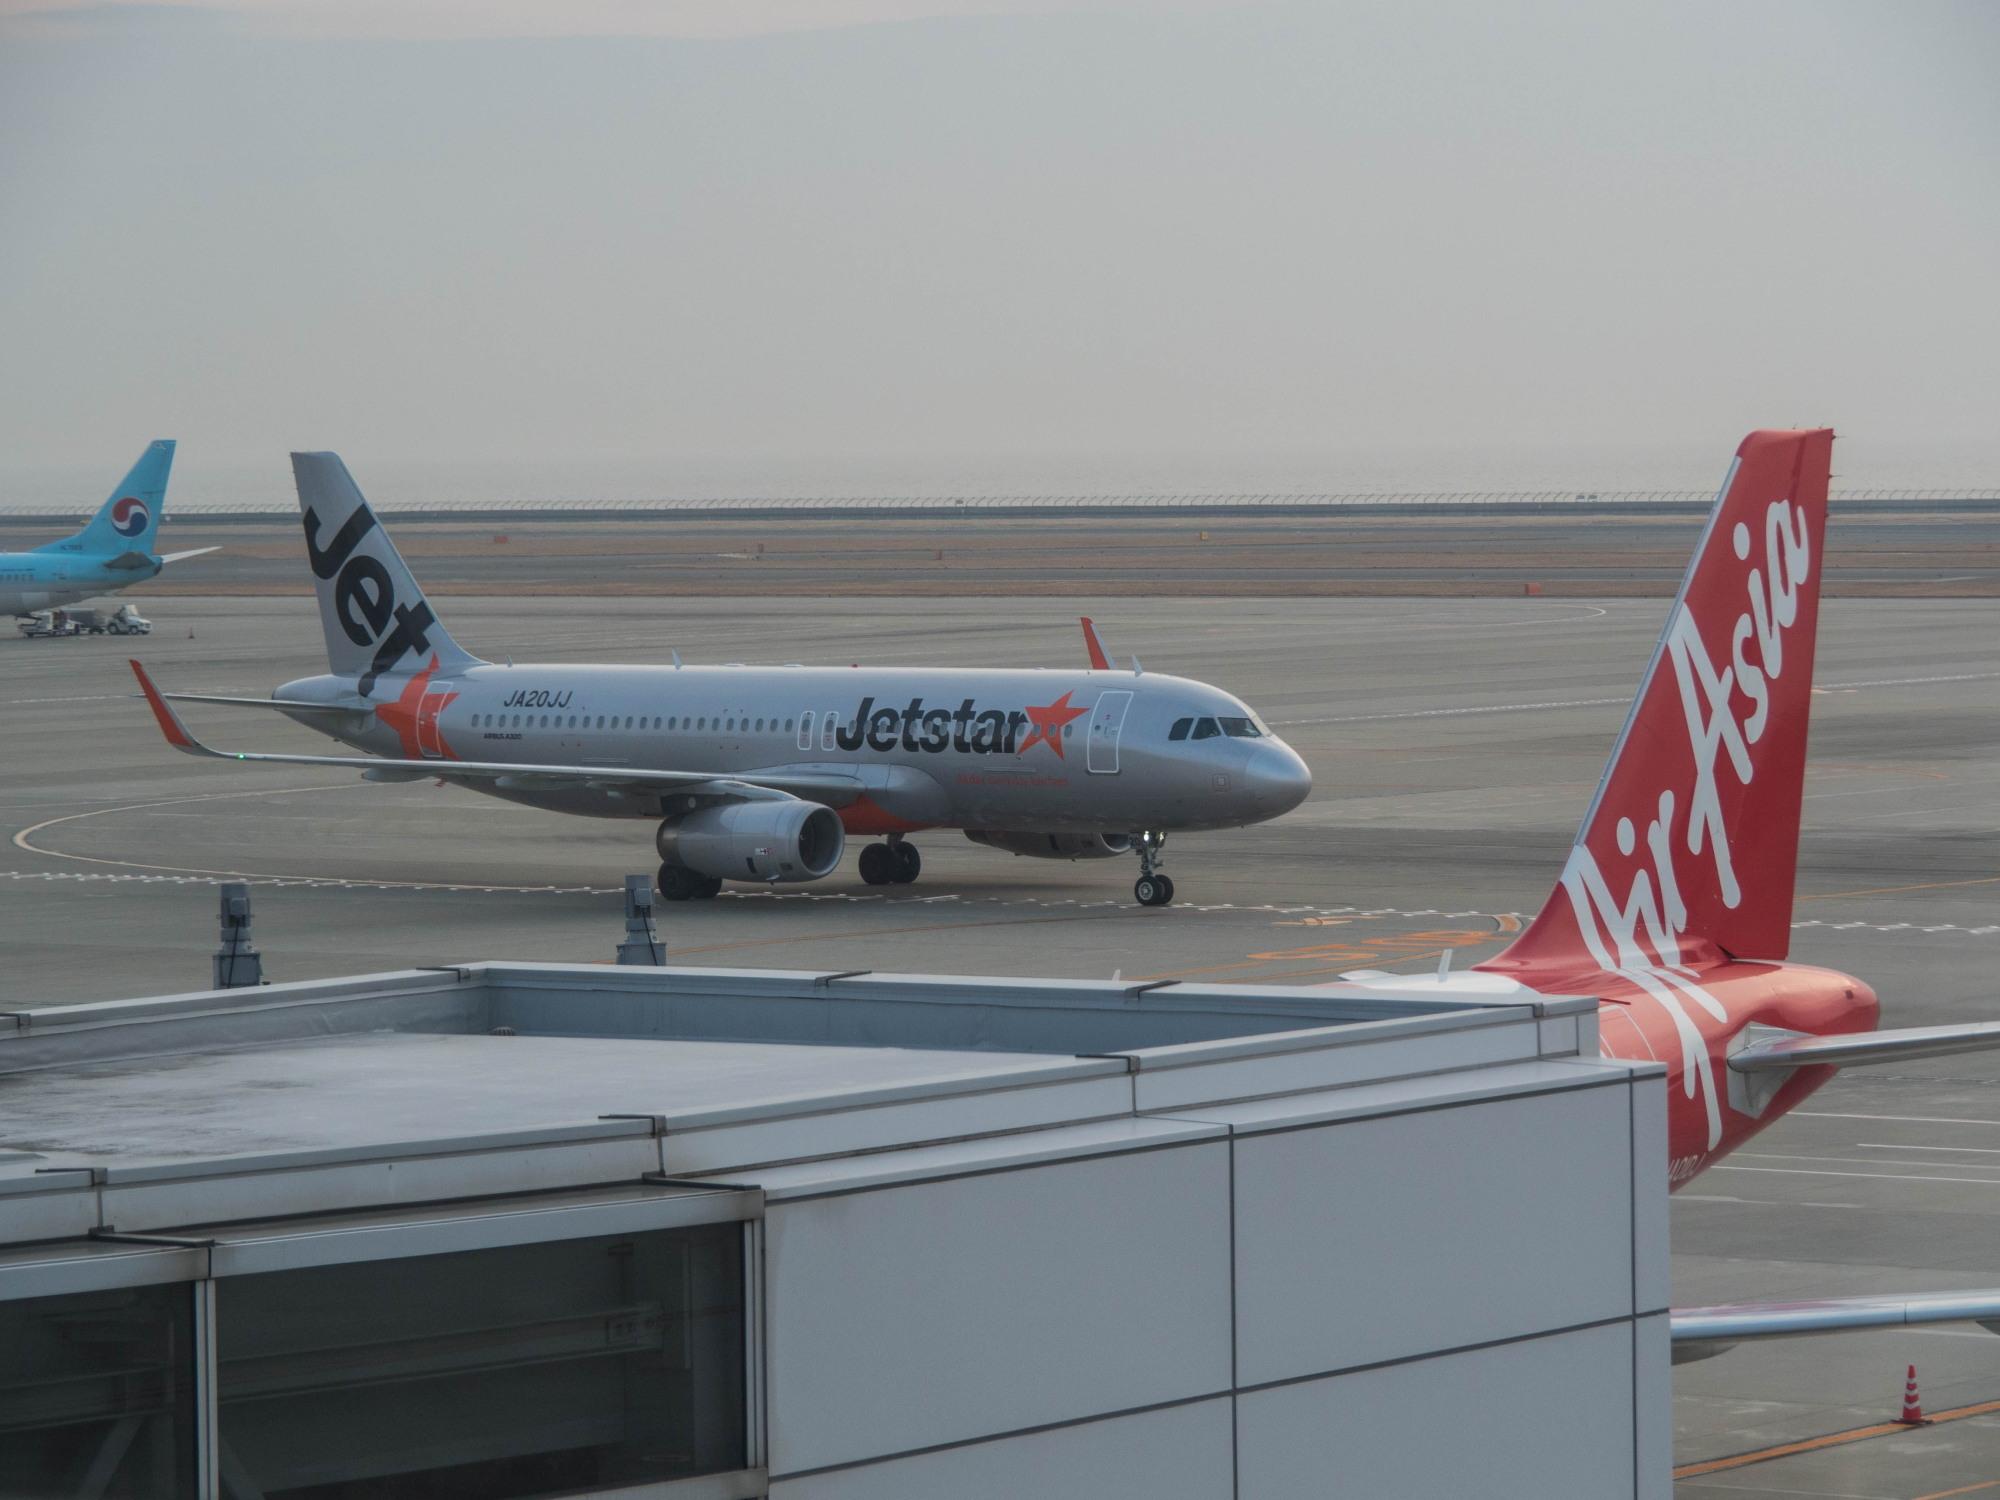 昨年秋に就航のエア・アジアでふらっと名古屋に行って来ました(2)_f0276498_12240111.jpg